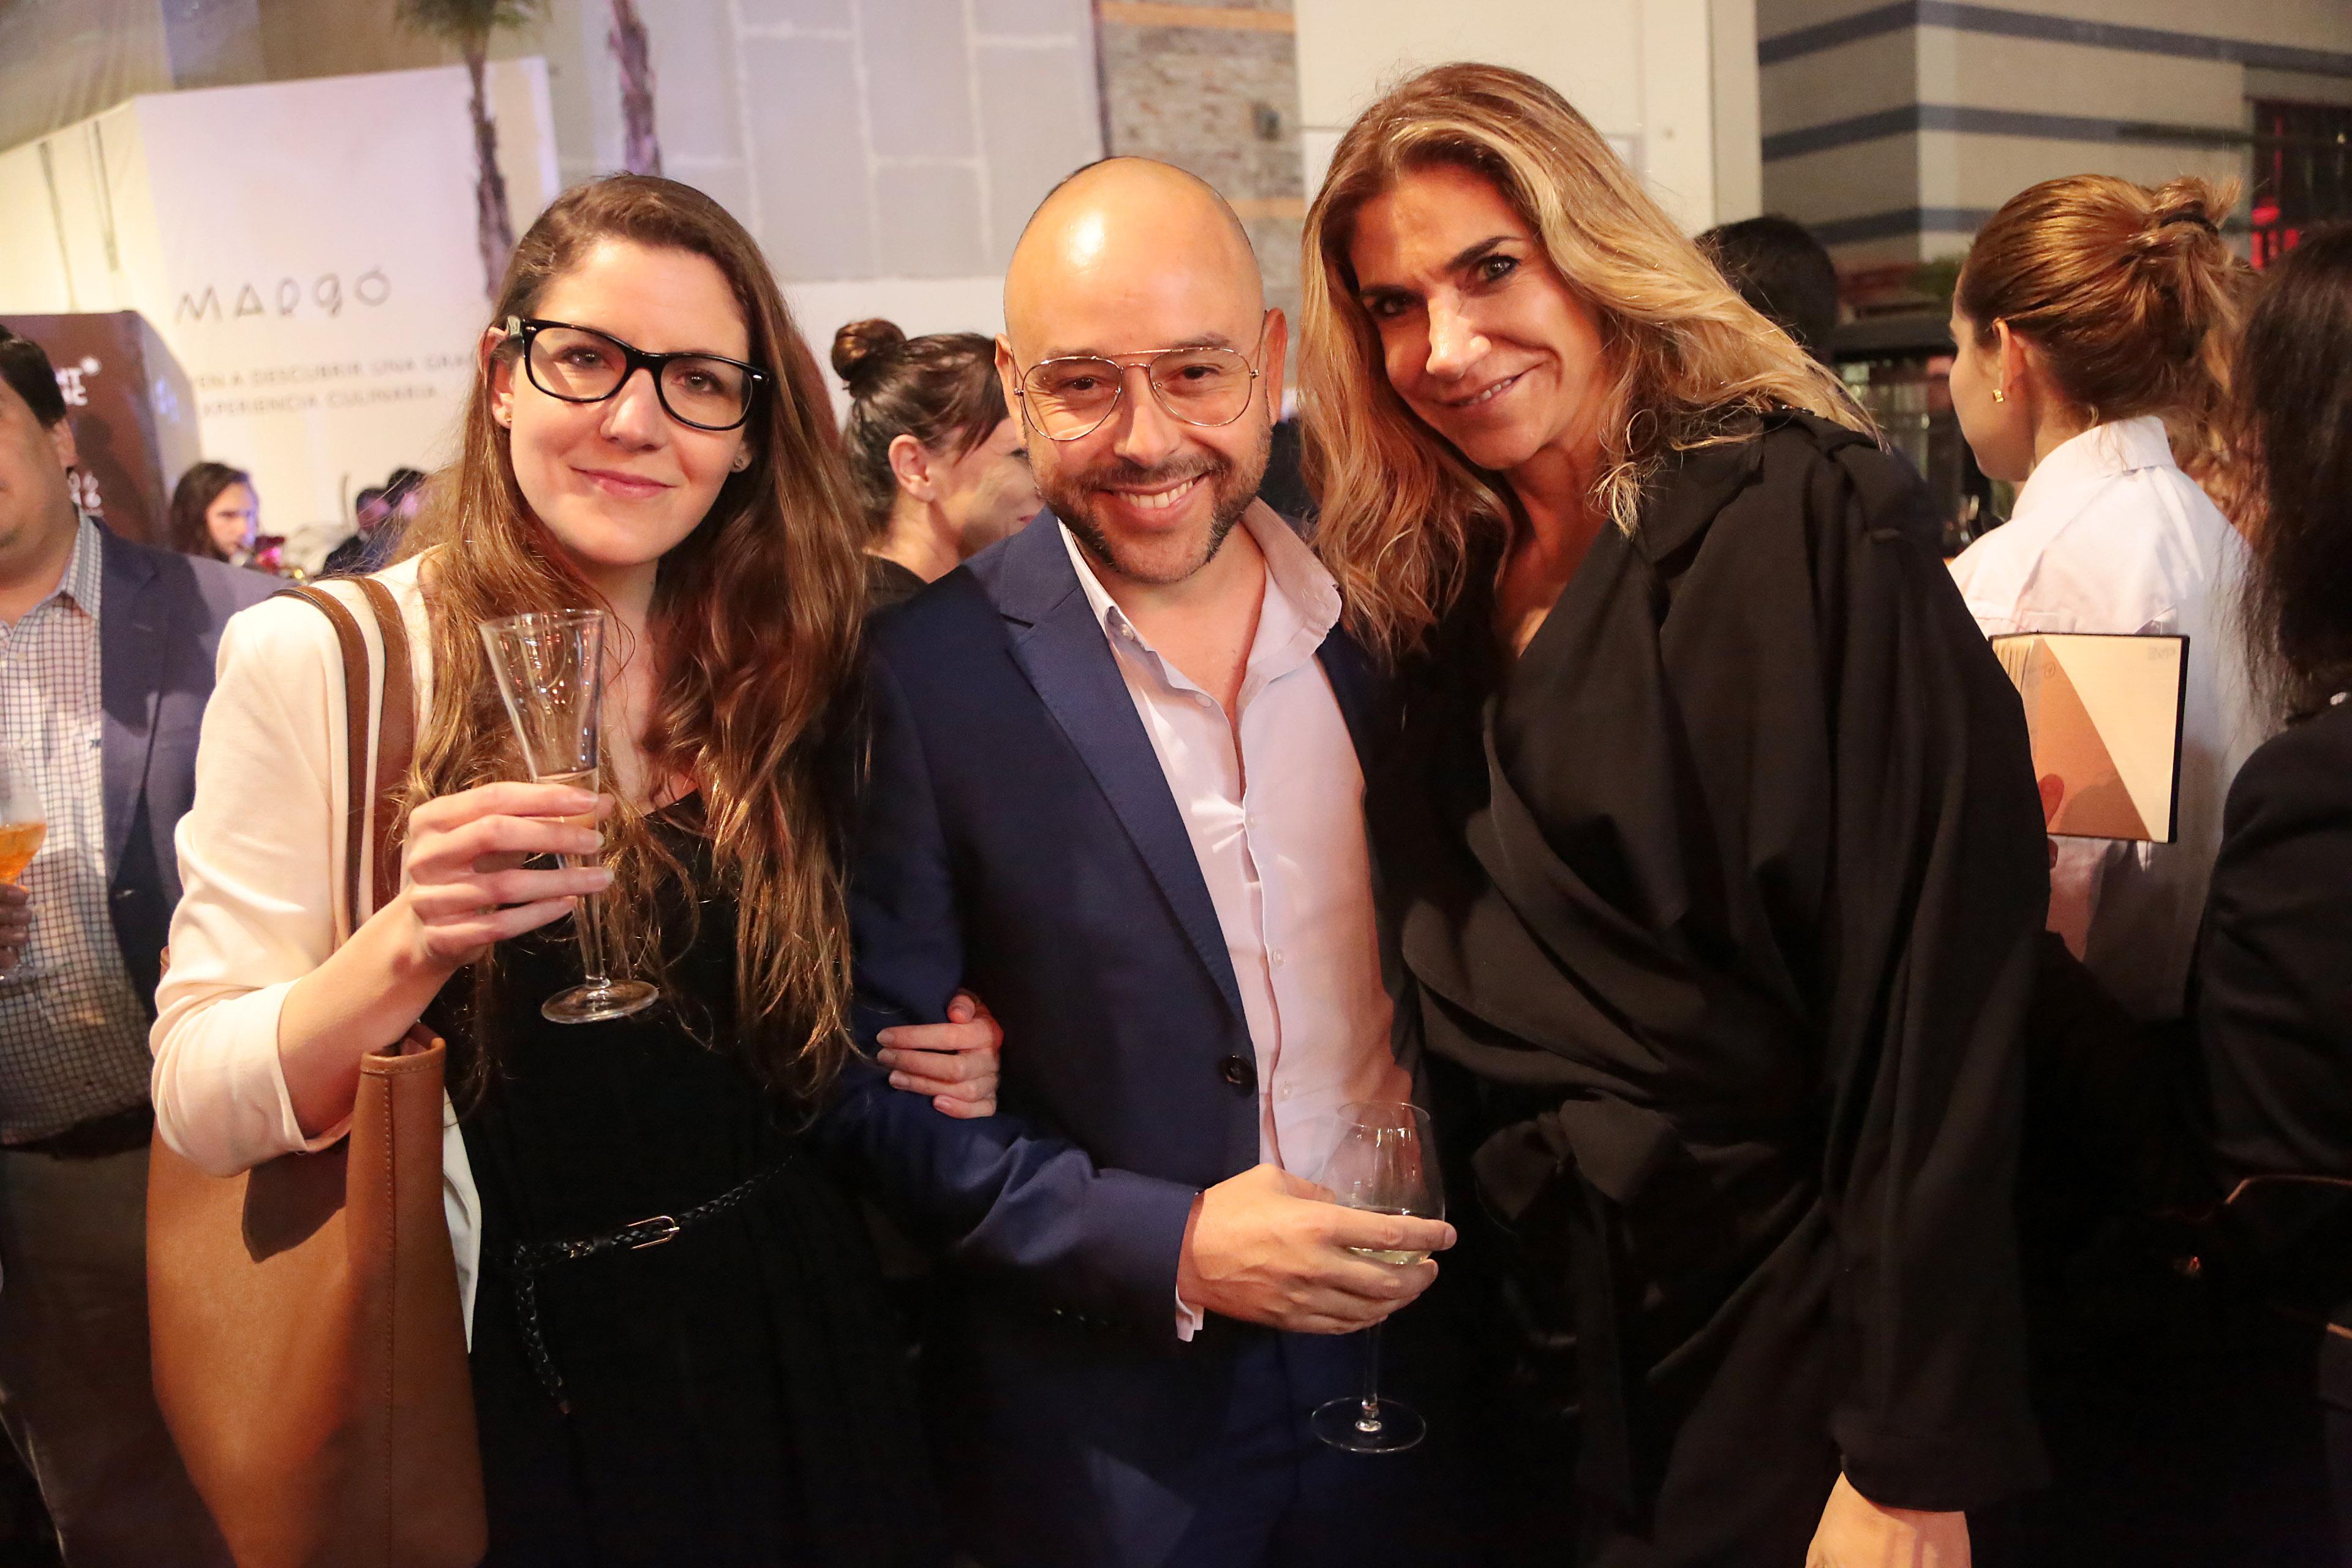 Macarena Toro, Max Gallegos y Vesna Bocic.